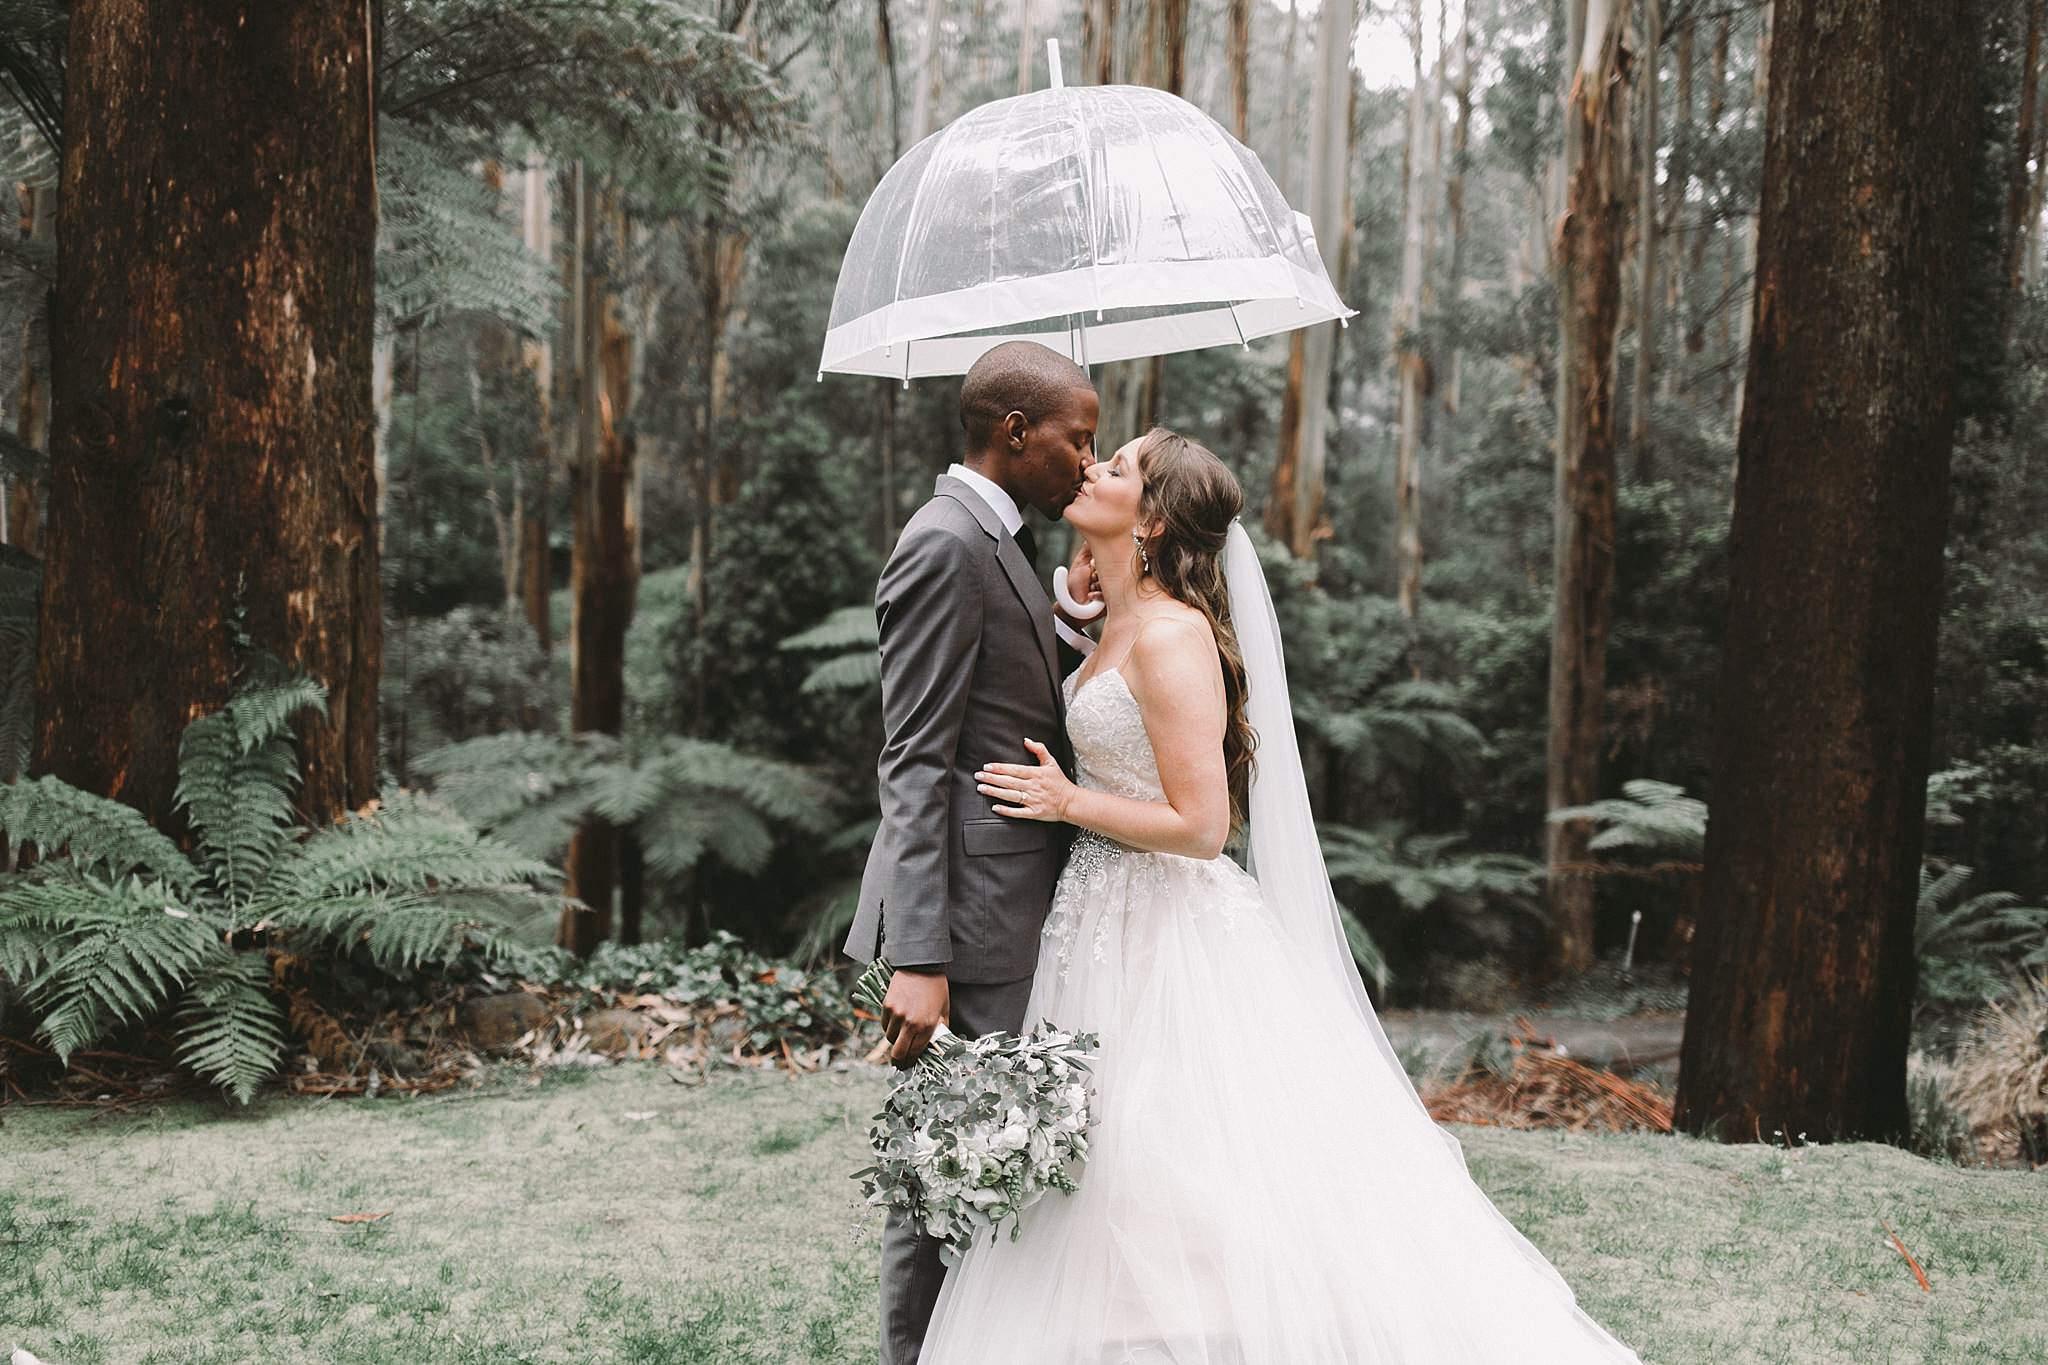 Tatra Dandenong Wedding Photography Natural Candid (20).JPG